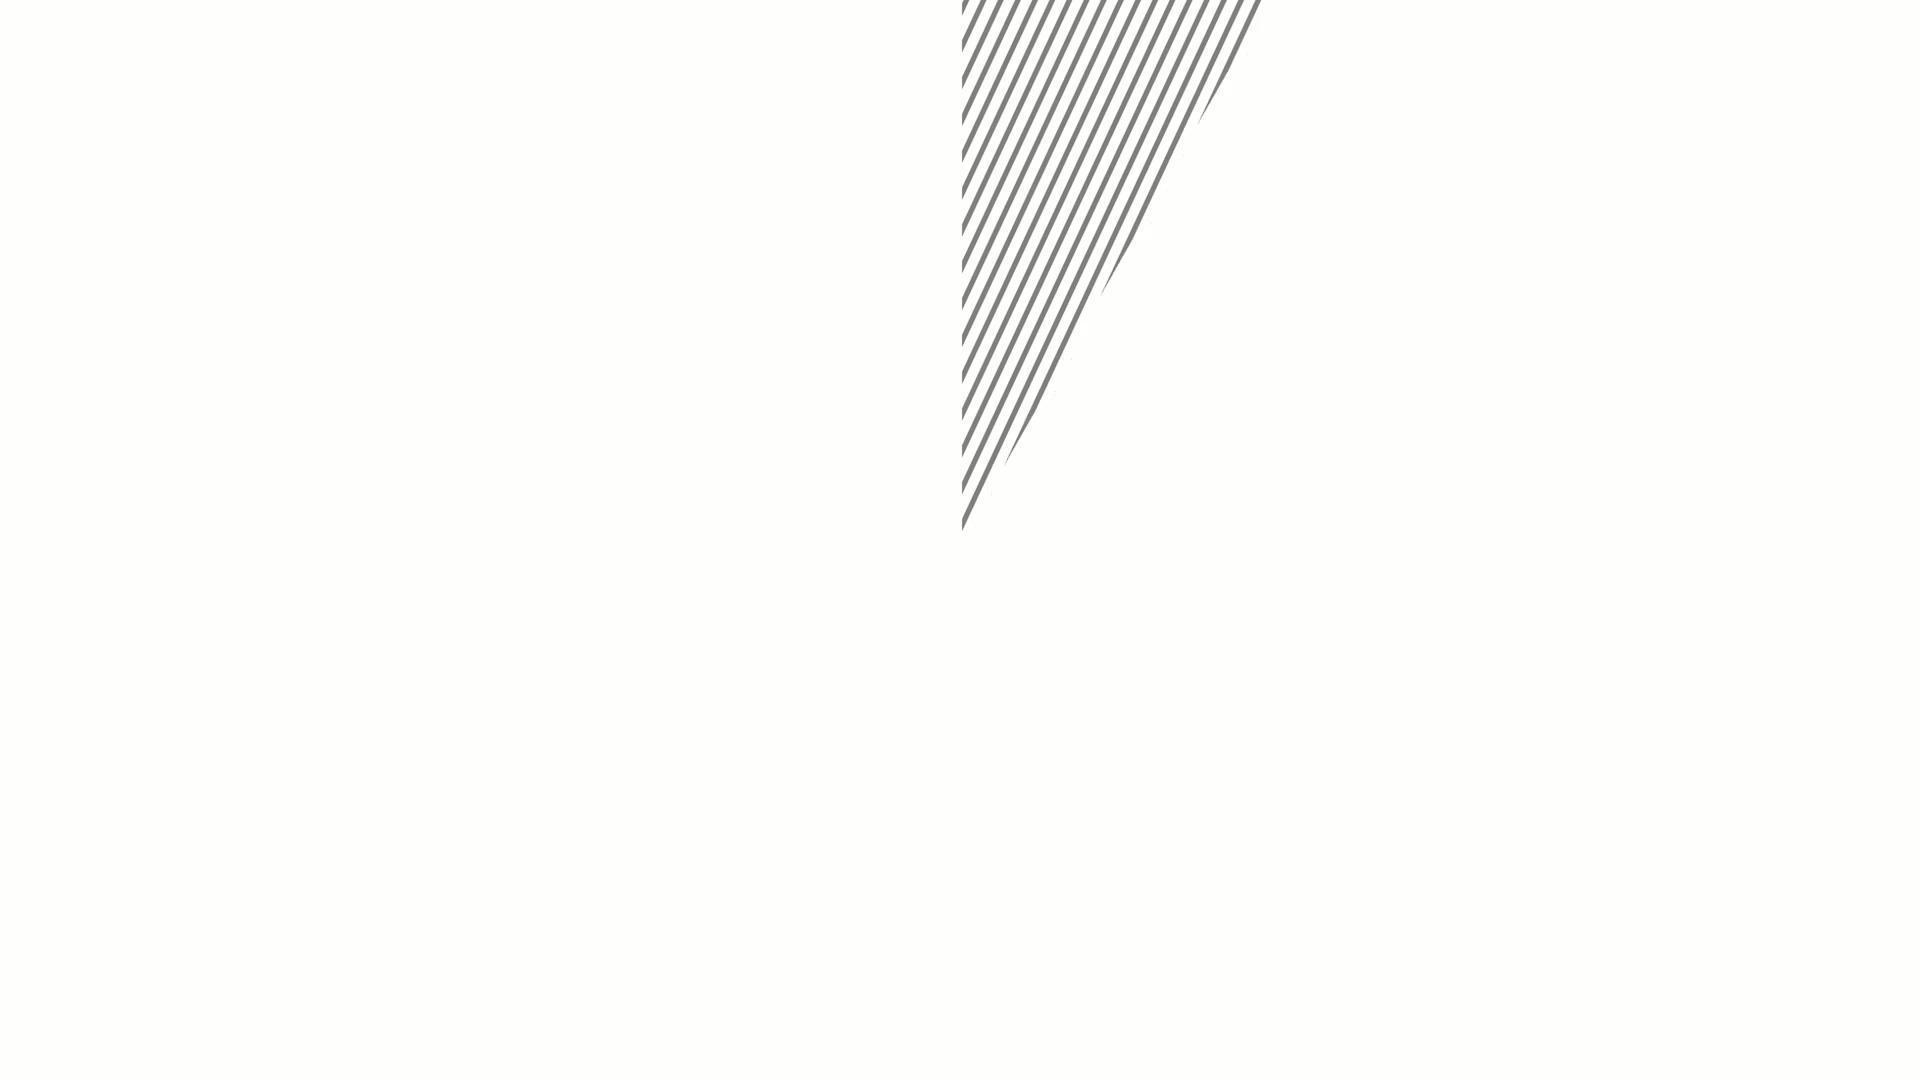 时钟线转场素材2